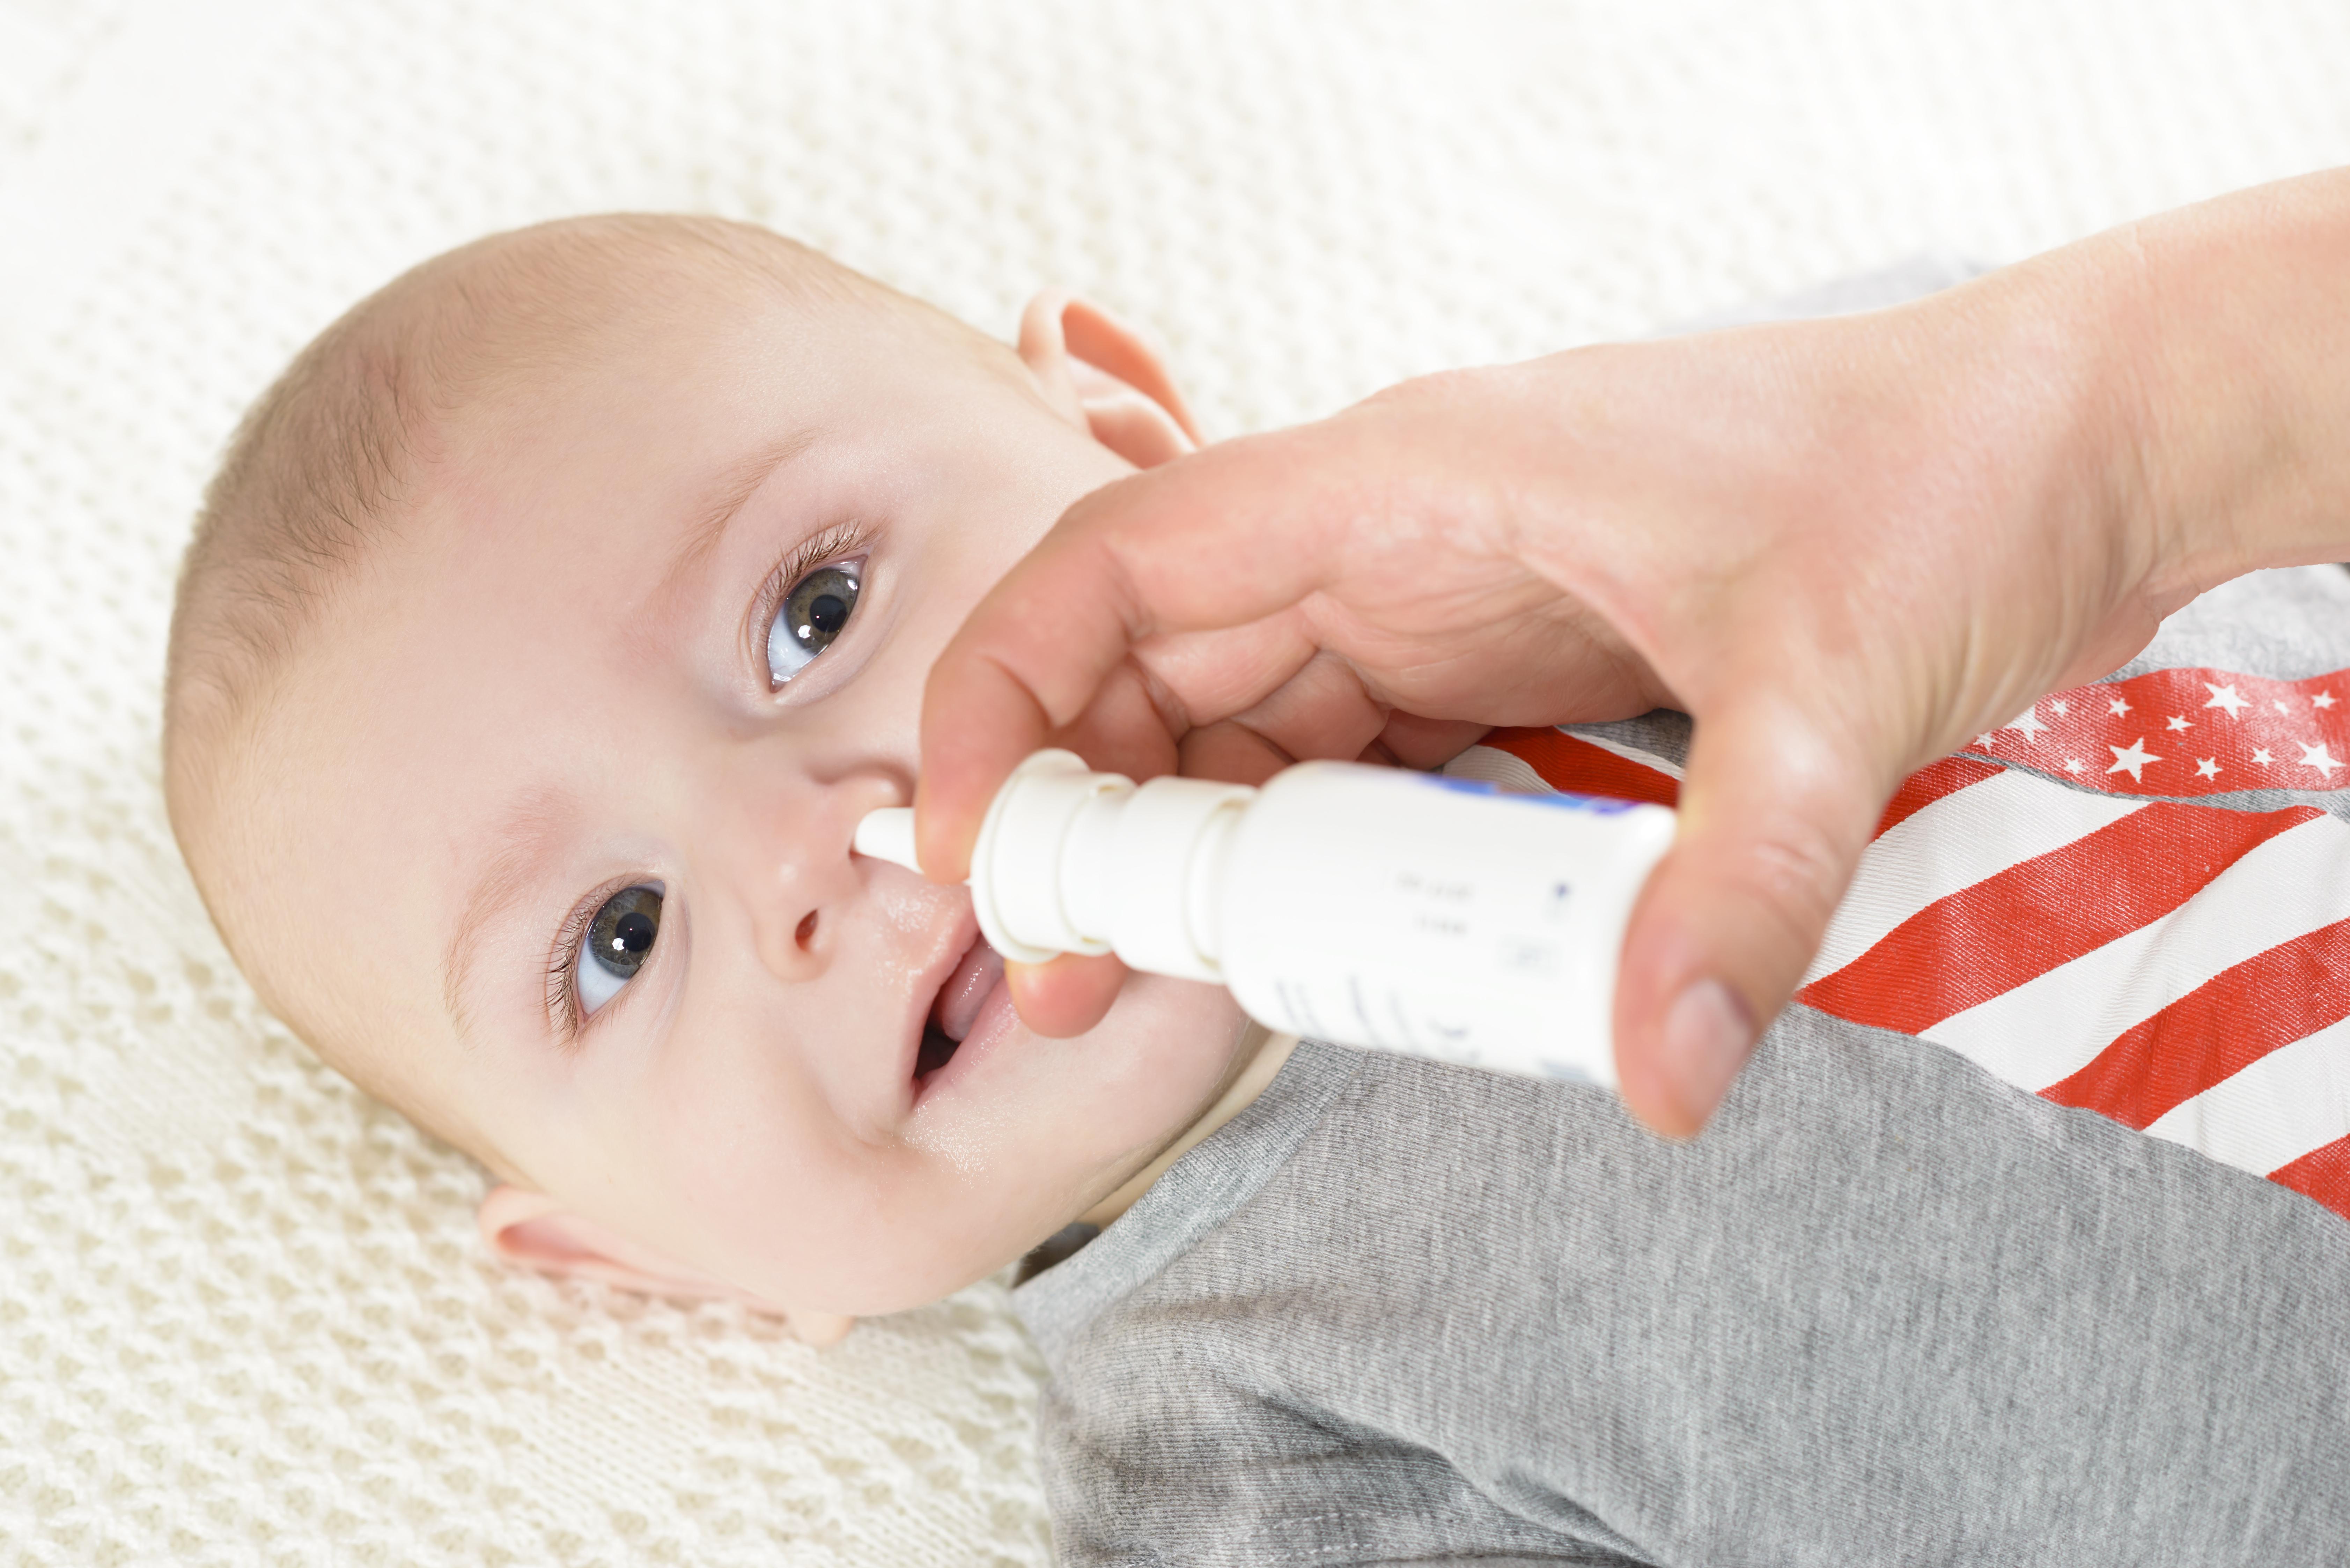 Bebé al que le limpian los mocos con suero